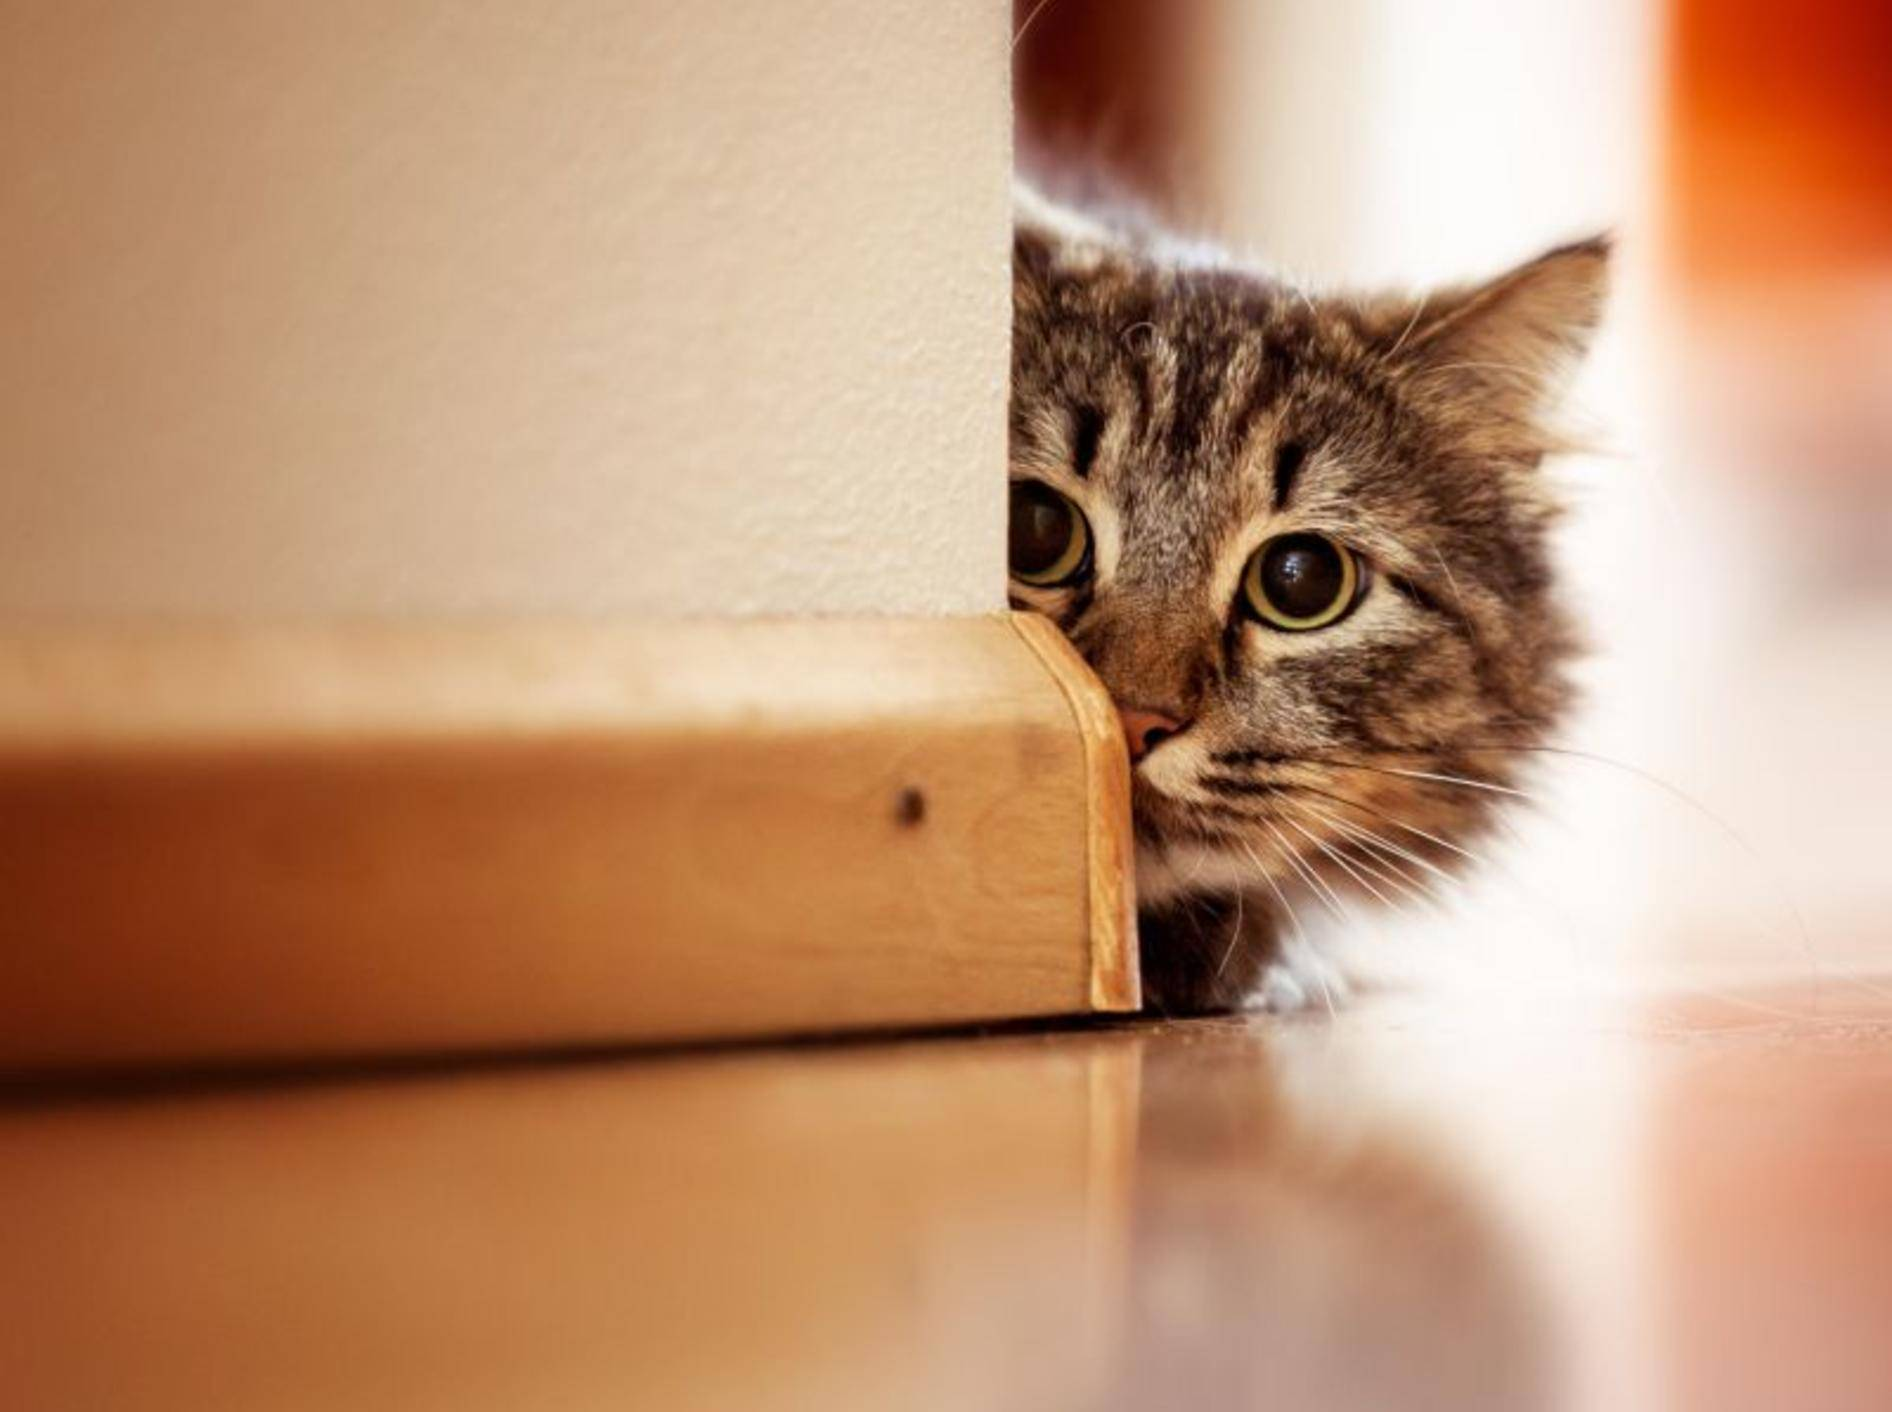 Spannendes Spielzeug zum Toben für Katzen – Bild: Shutterstock / Joop Snijder Photography